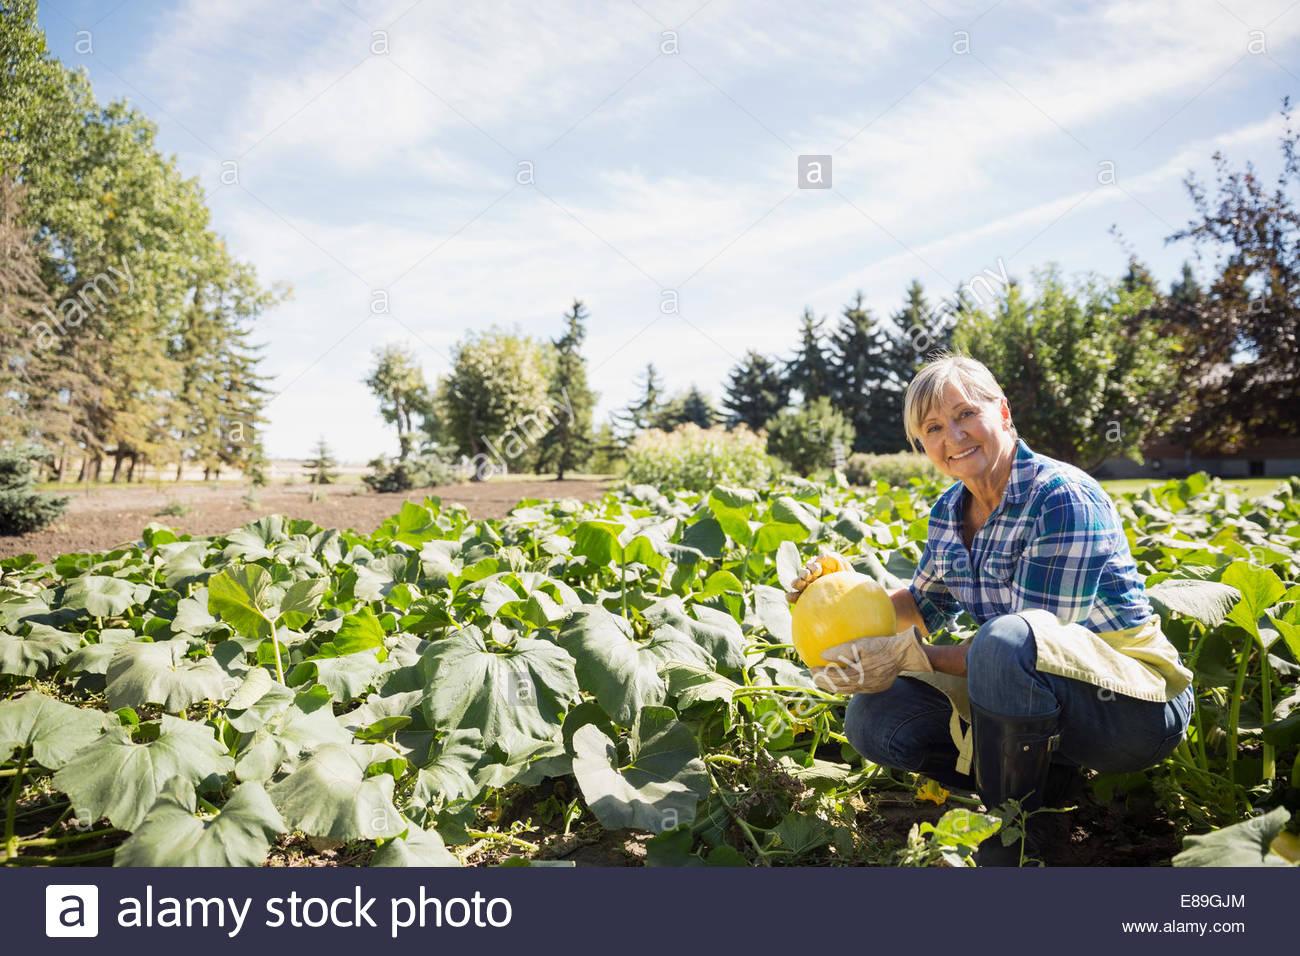 Retrato de mujer cosechando squash en huerto Imagen De Stock